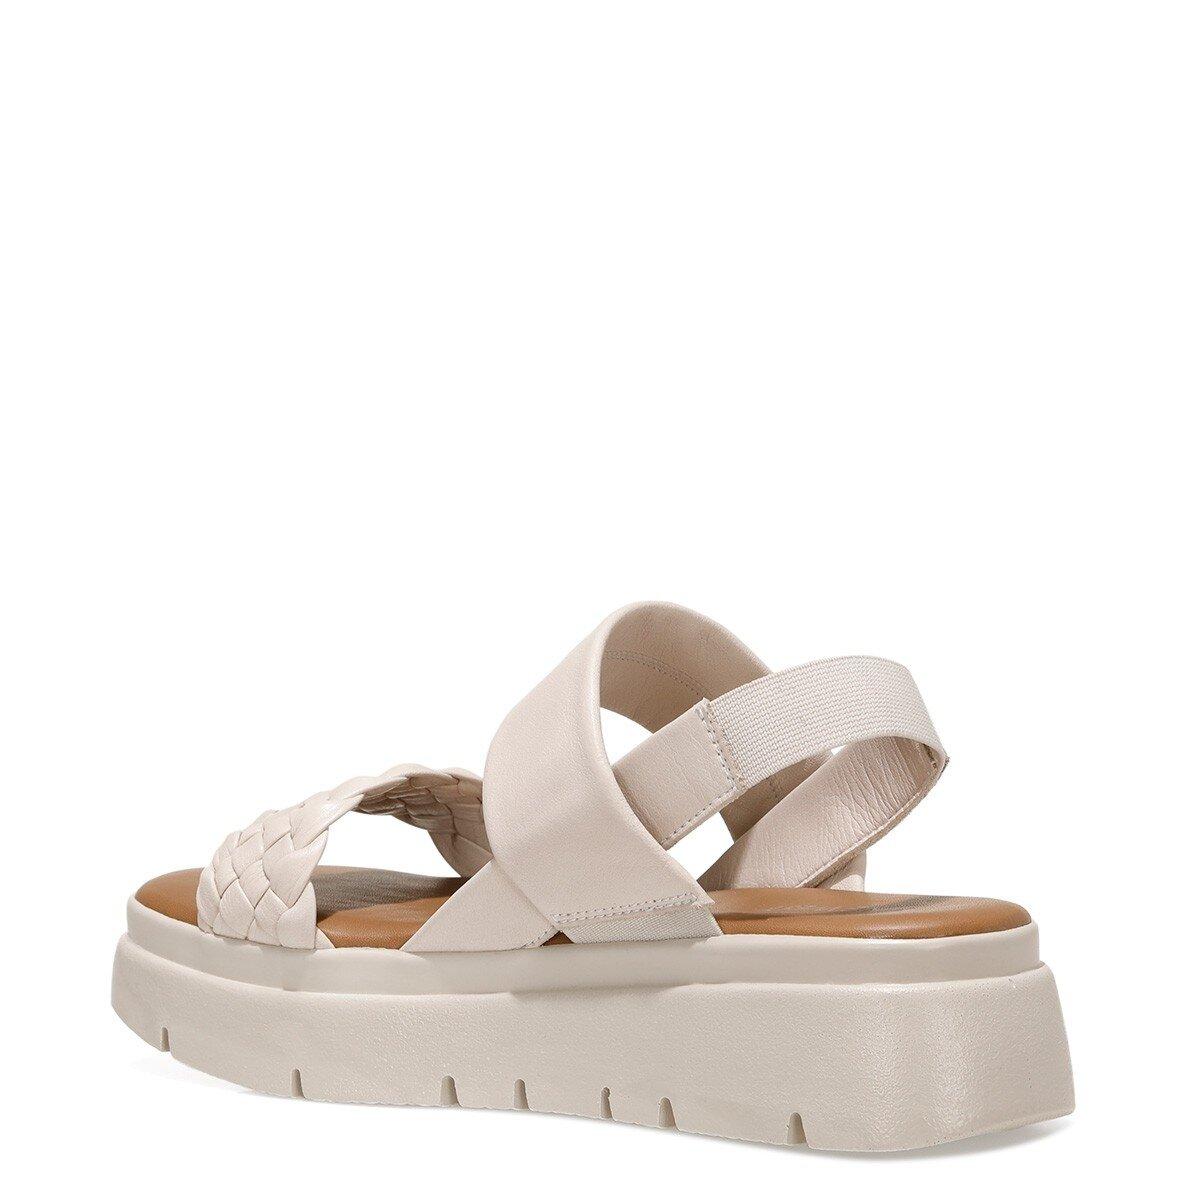 GUMMO 1FX Ekru Kadın Ayakkabı>Sandalet>Topuksuz Sandalet